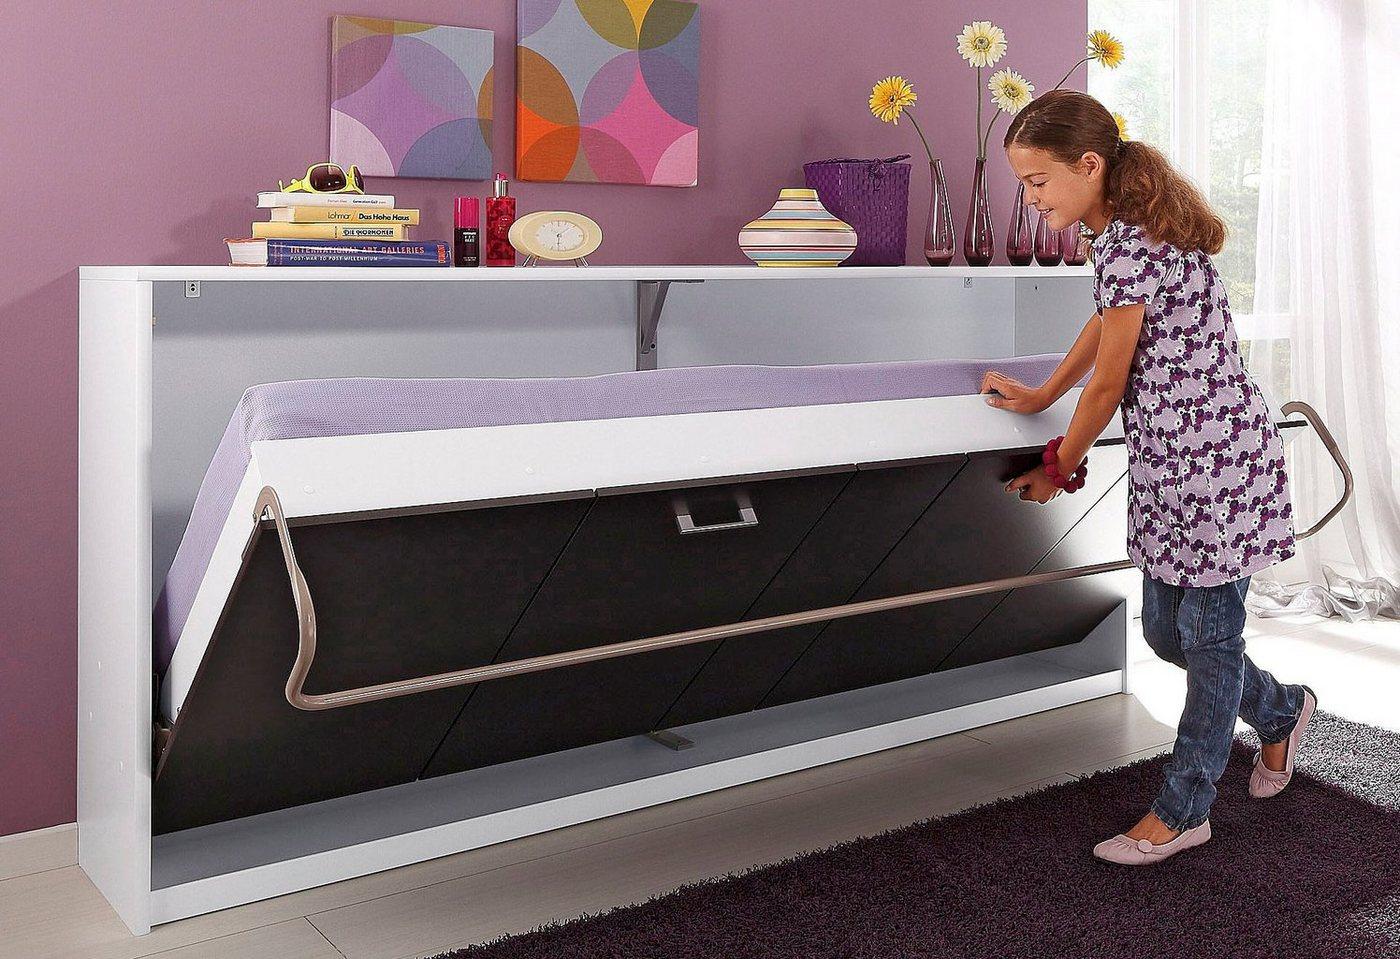 281 schrankbetten online kaufen. Black Bedroom Furniture Sets. Home Design Ideas